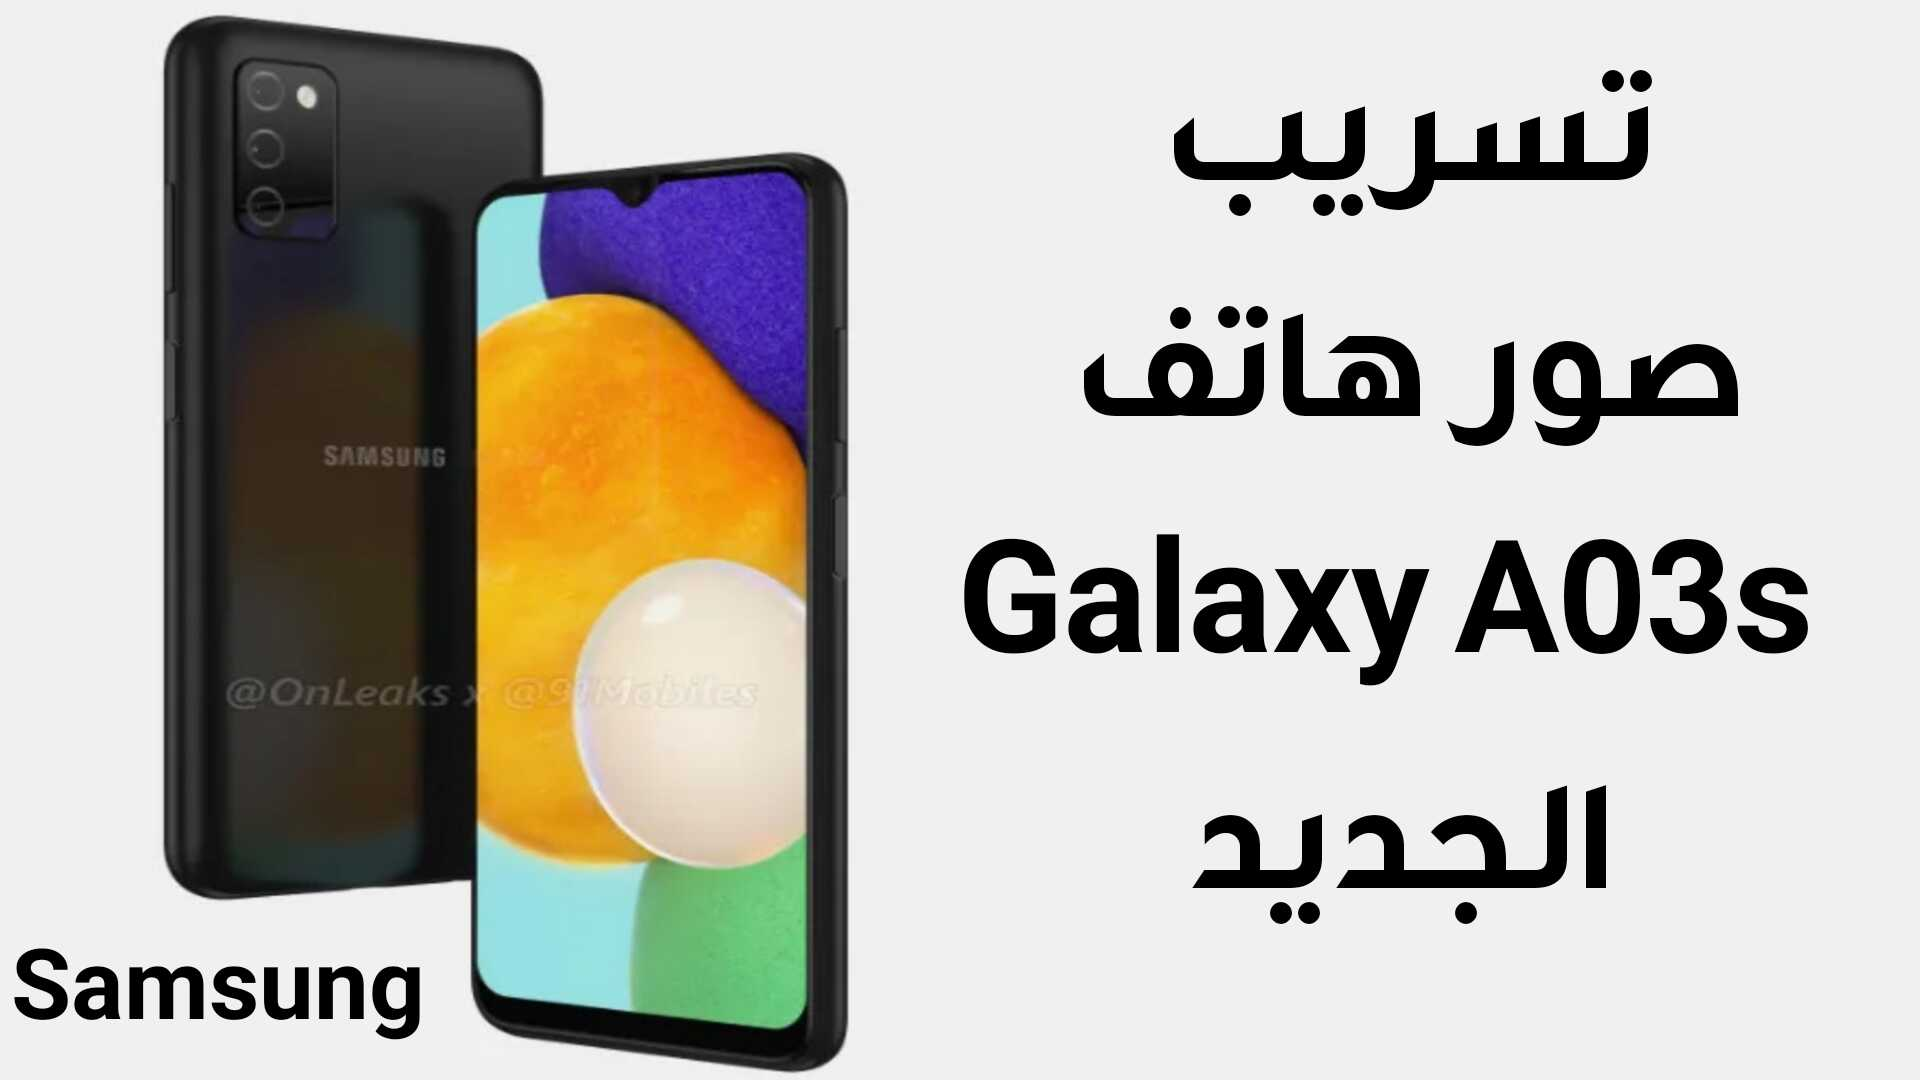 تسريب صور هاتف Galaxy A03s الجديد من Samsung بكاميرا خلفية ثلاثية